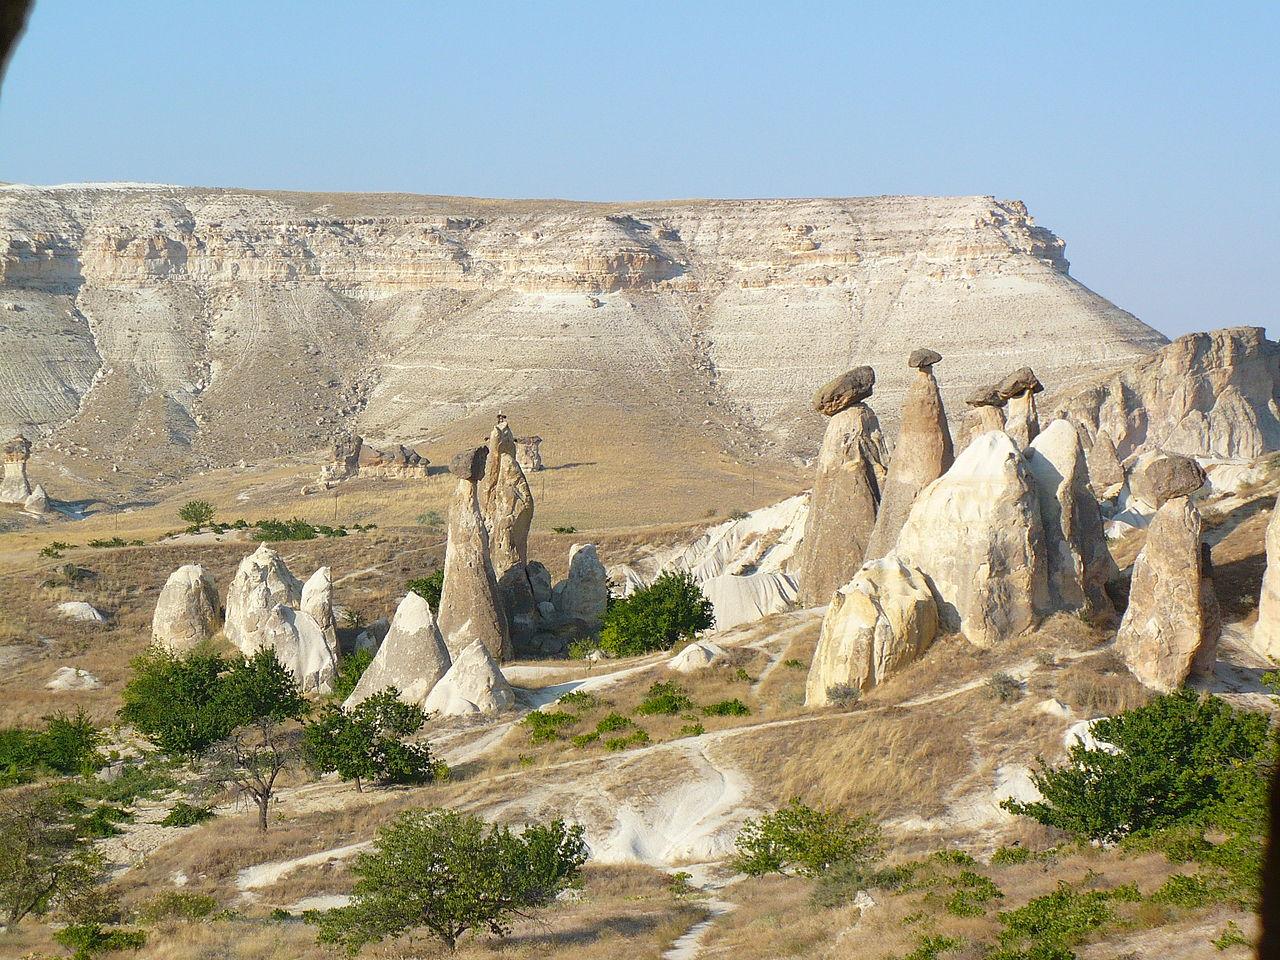 Окрестности Ургюпа, Турция